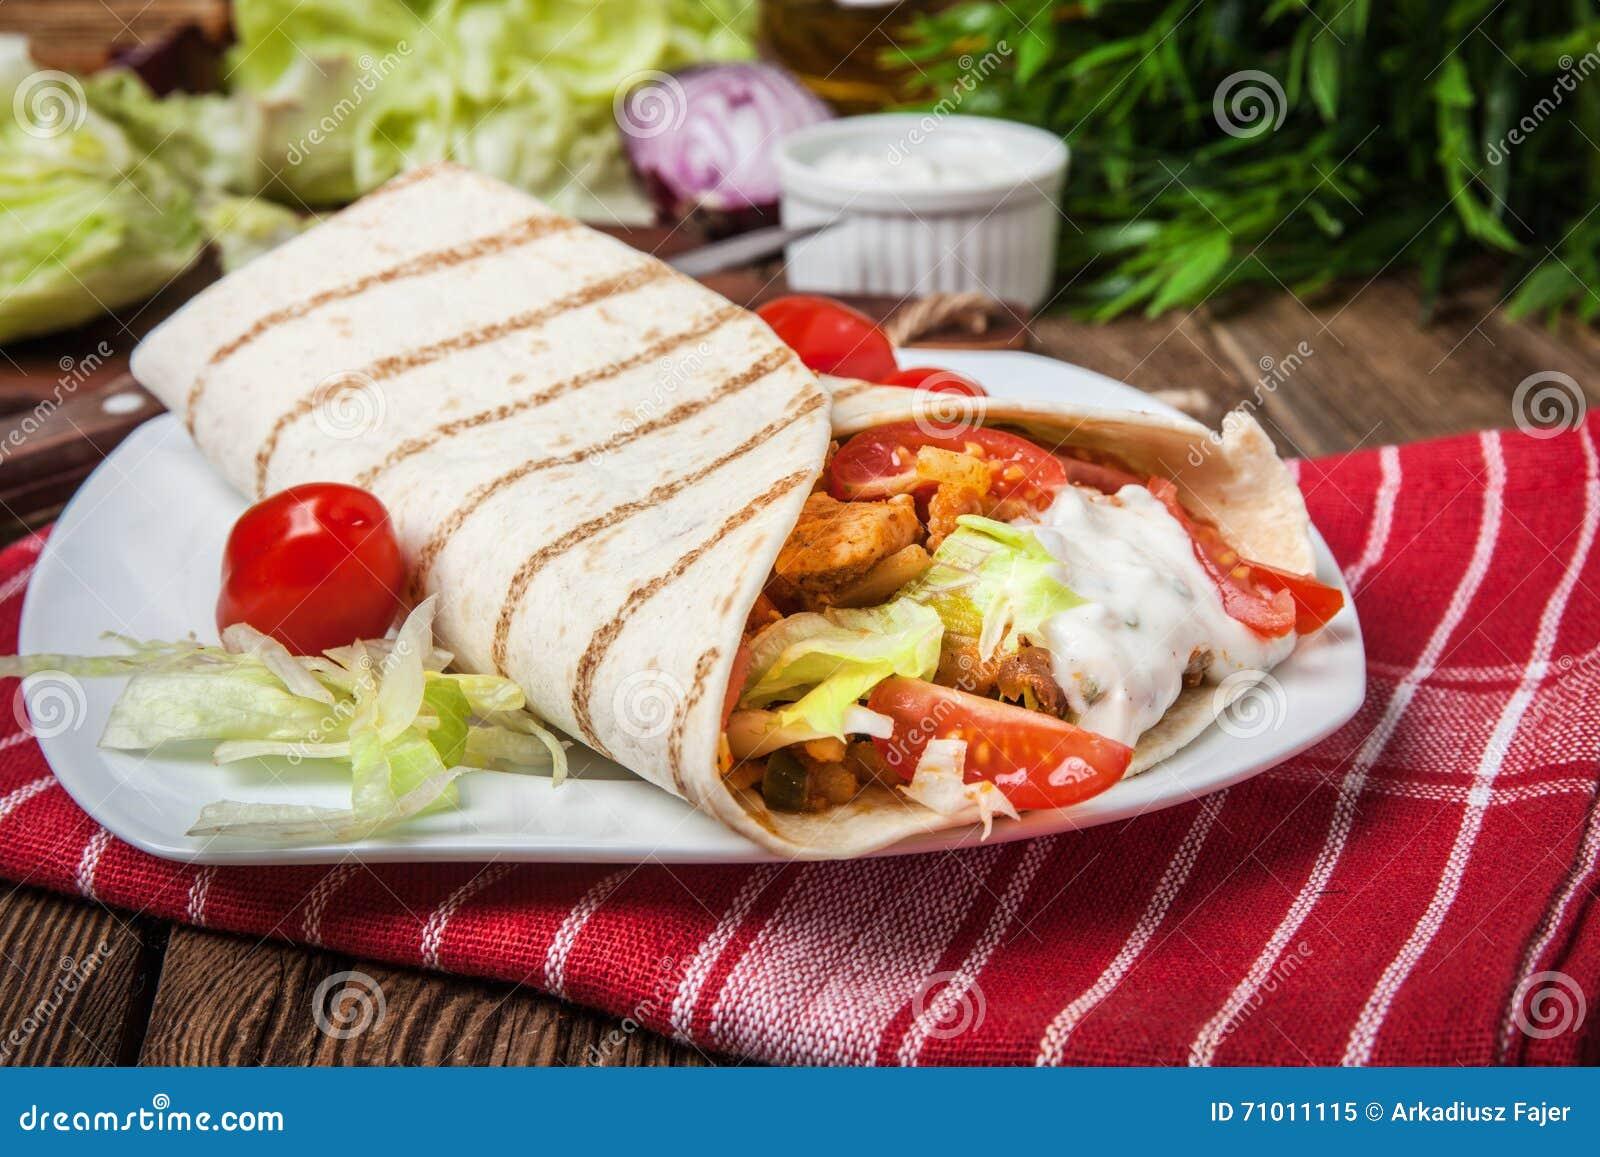 Tasty Fresh Wrap Sandwich. Stock Photo